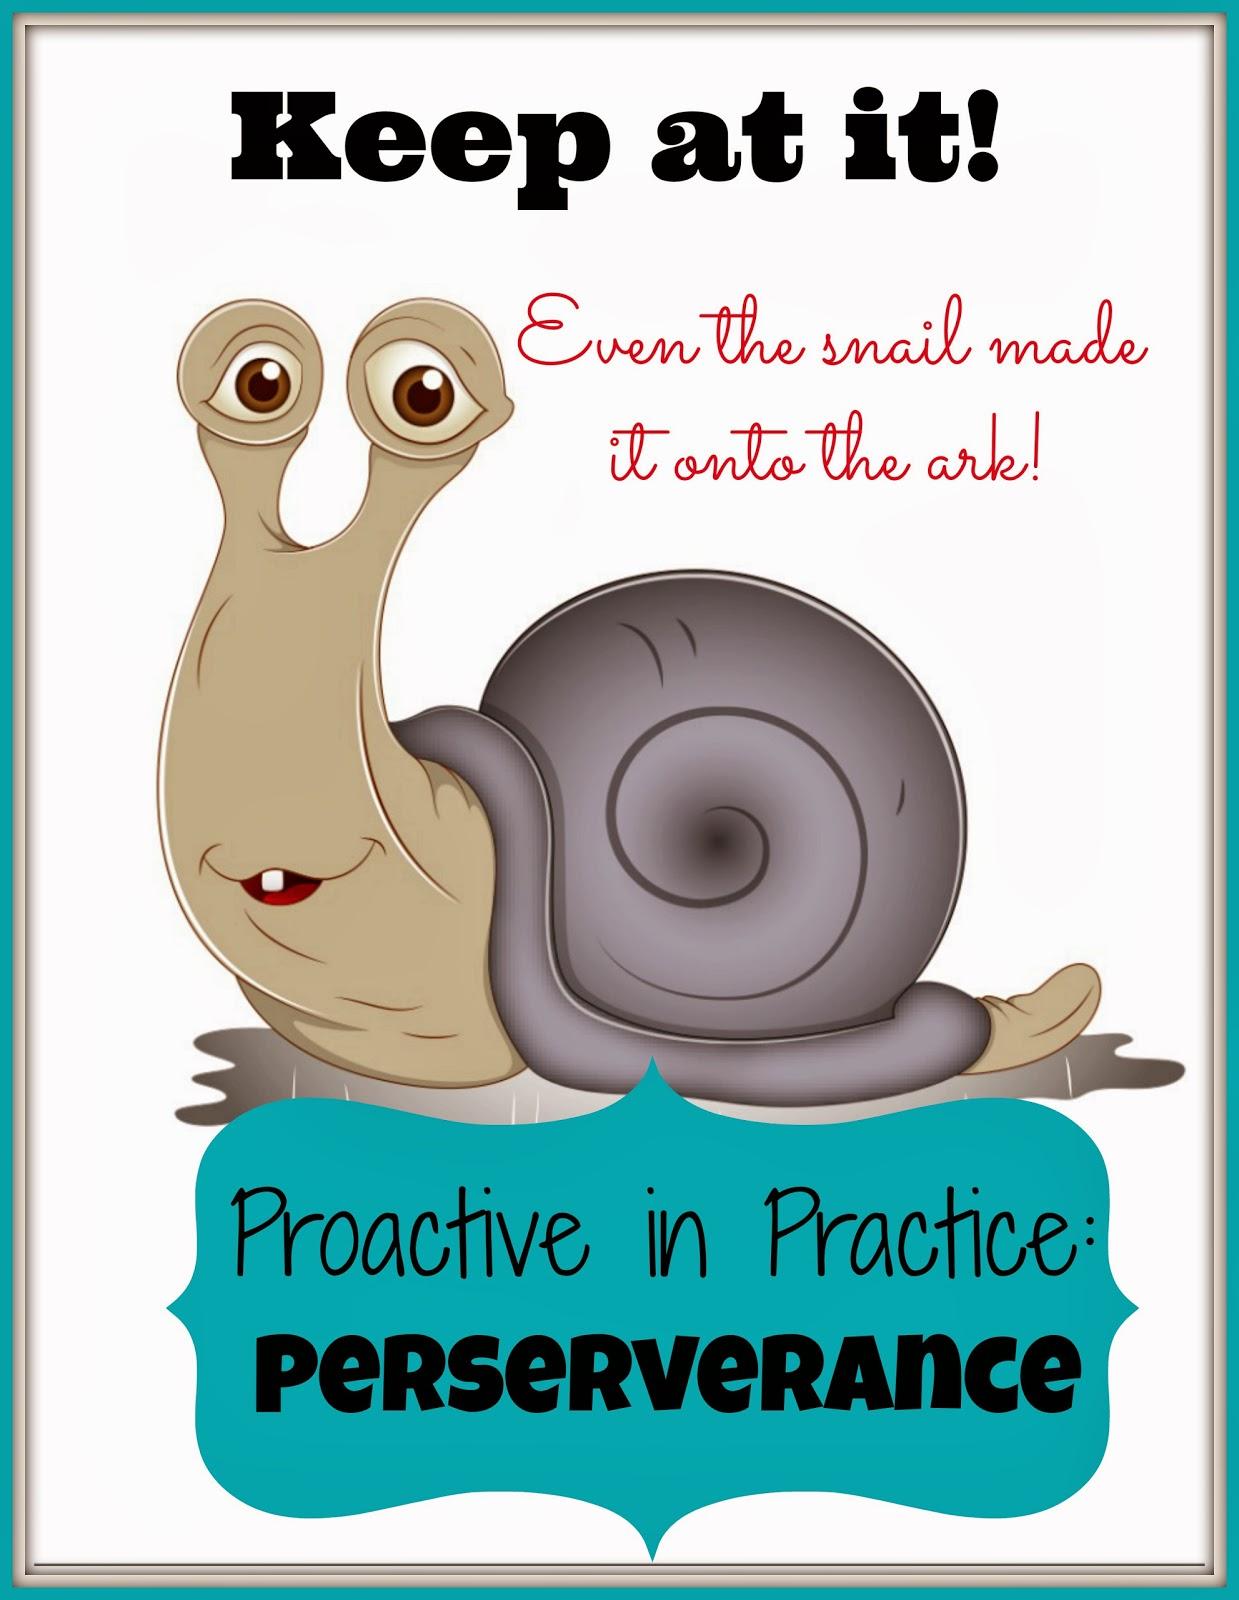 Proactive in Practice - Perservere!